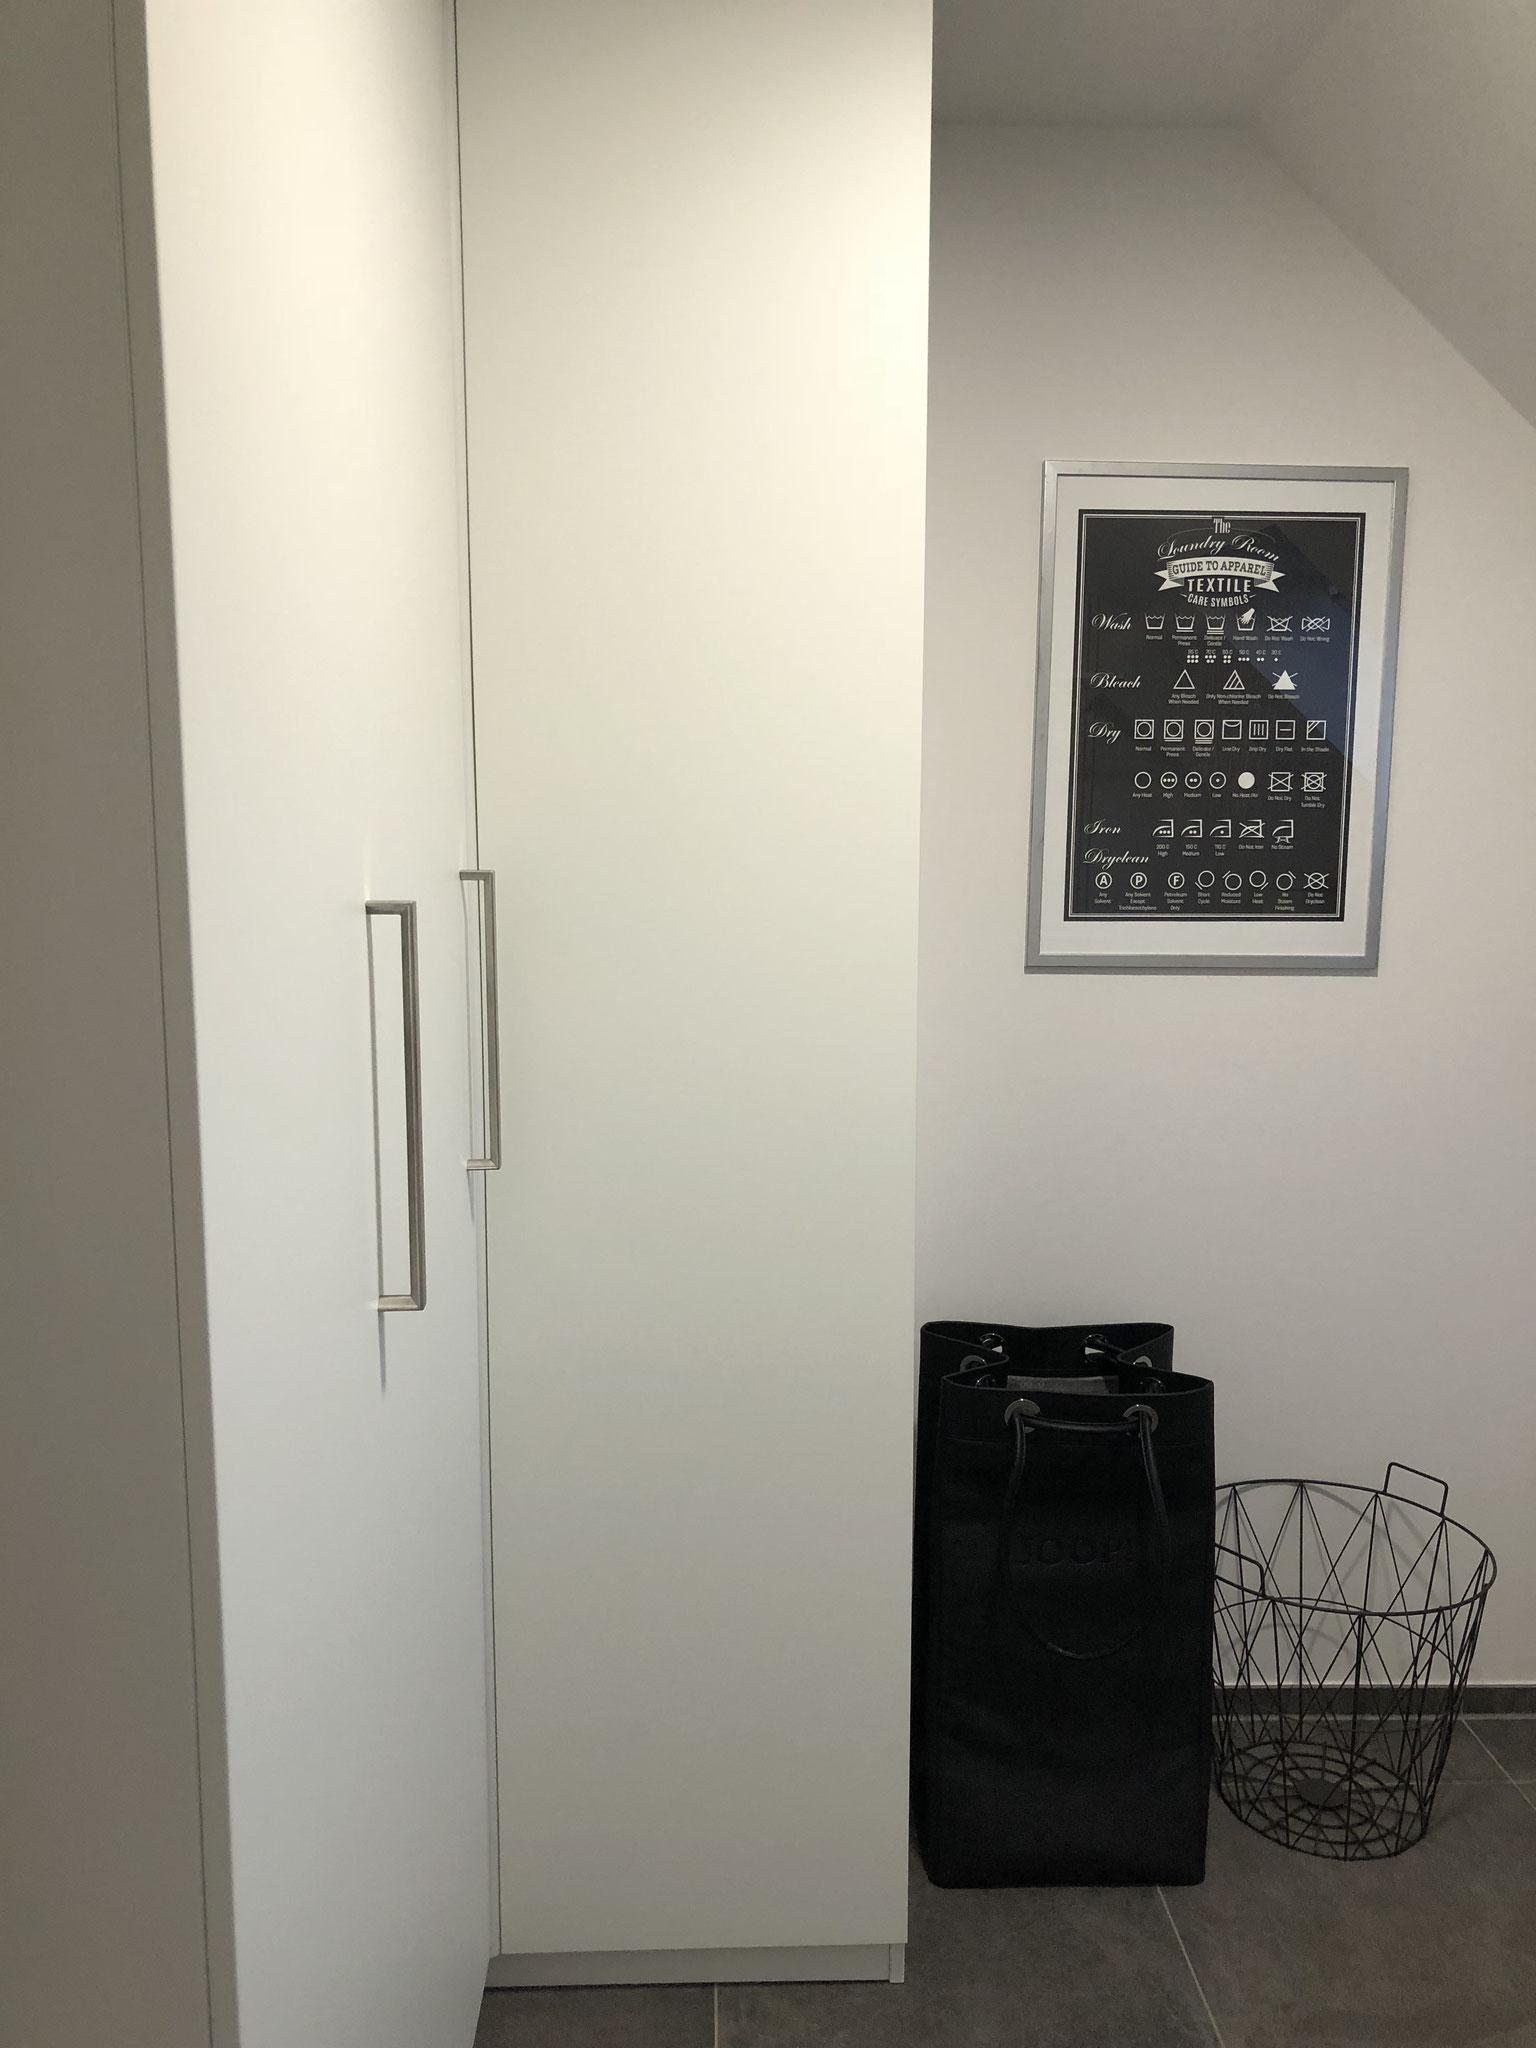 Unser neuer Hauswirtschaftsraum - Endlich Ordnung! - Lifestyle + ...